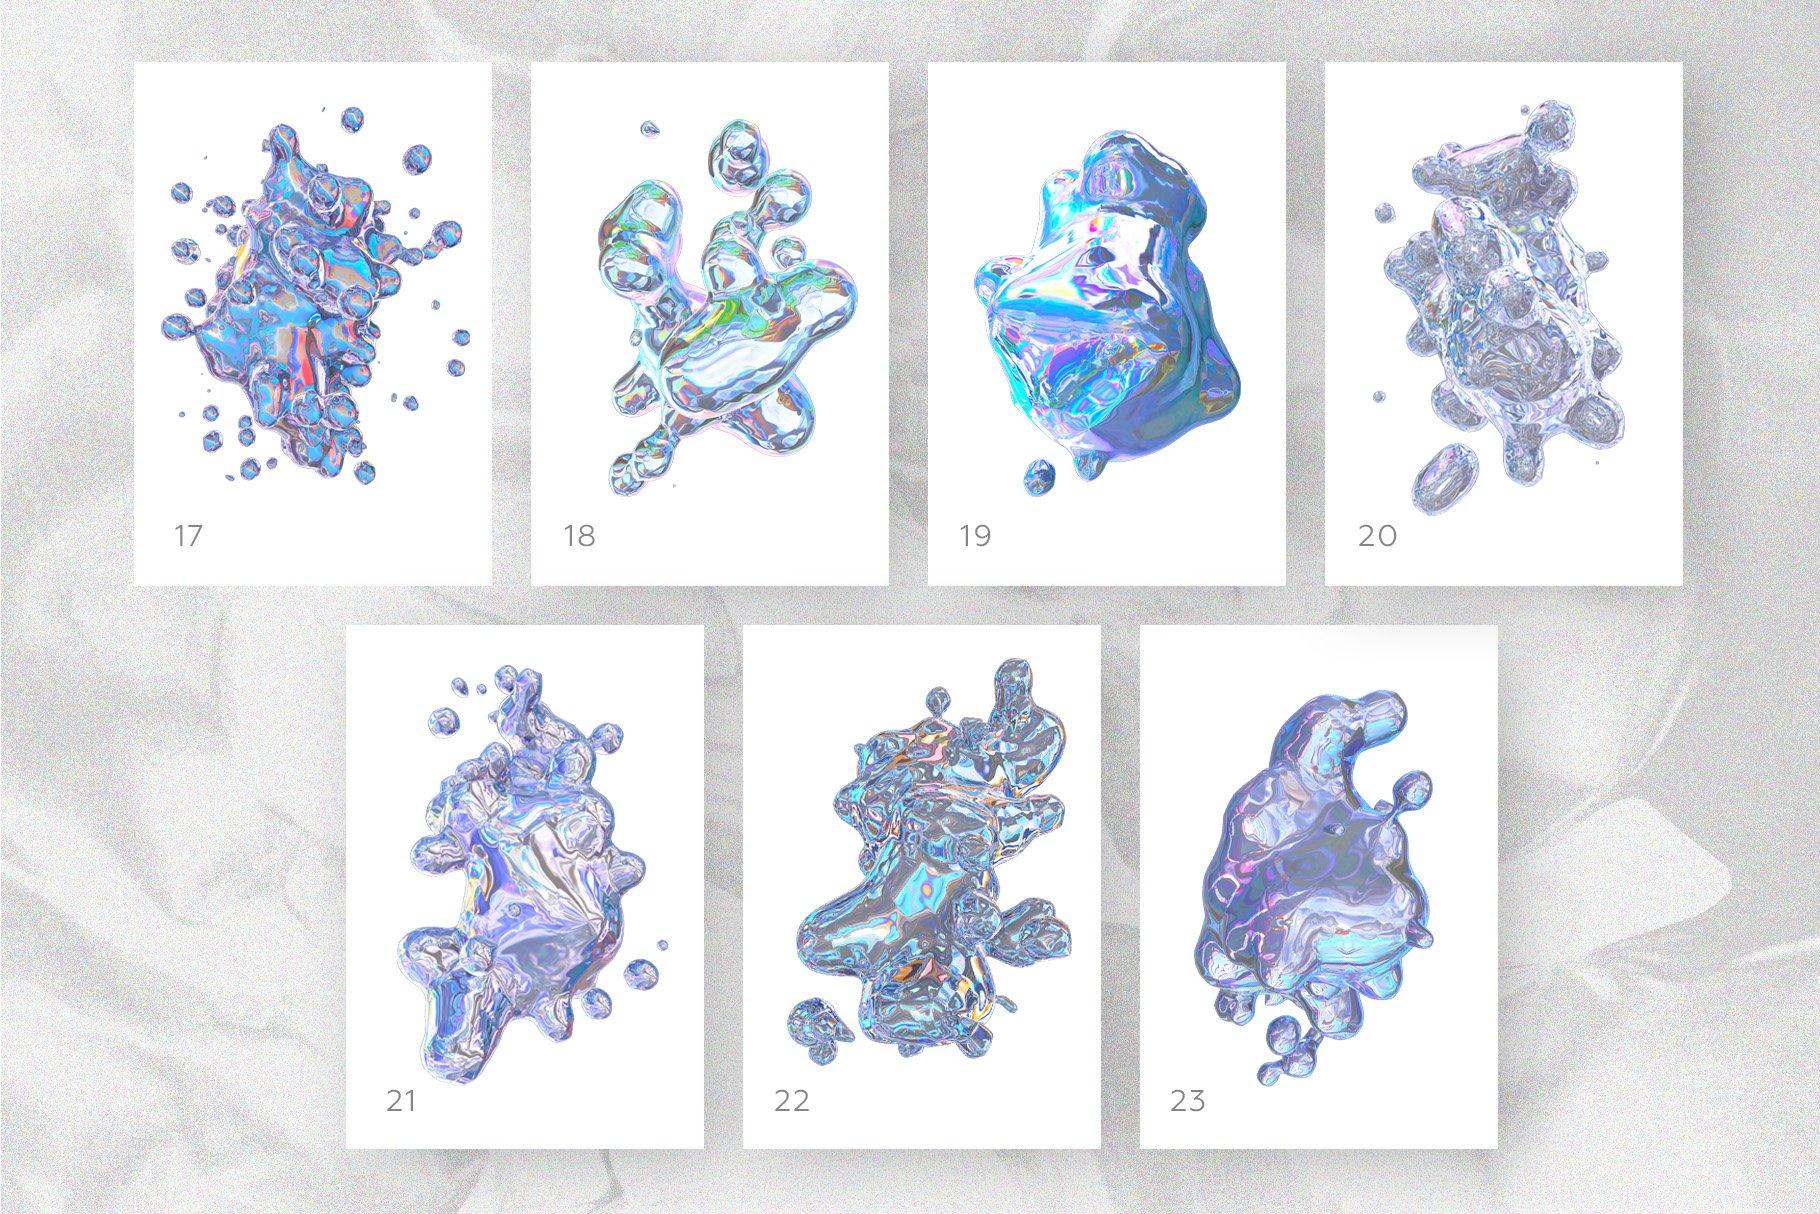 [淘宝购买] 23款抽象全息渐变不规则碎裂3D水滴流体图形设计素材 FOIL SHAPES Color Version插图(3)